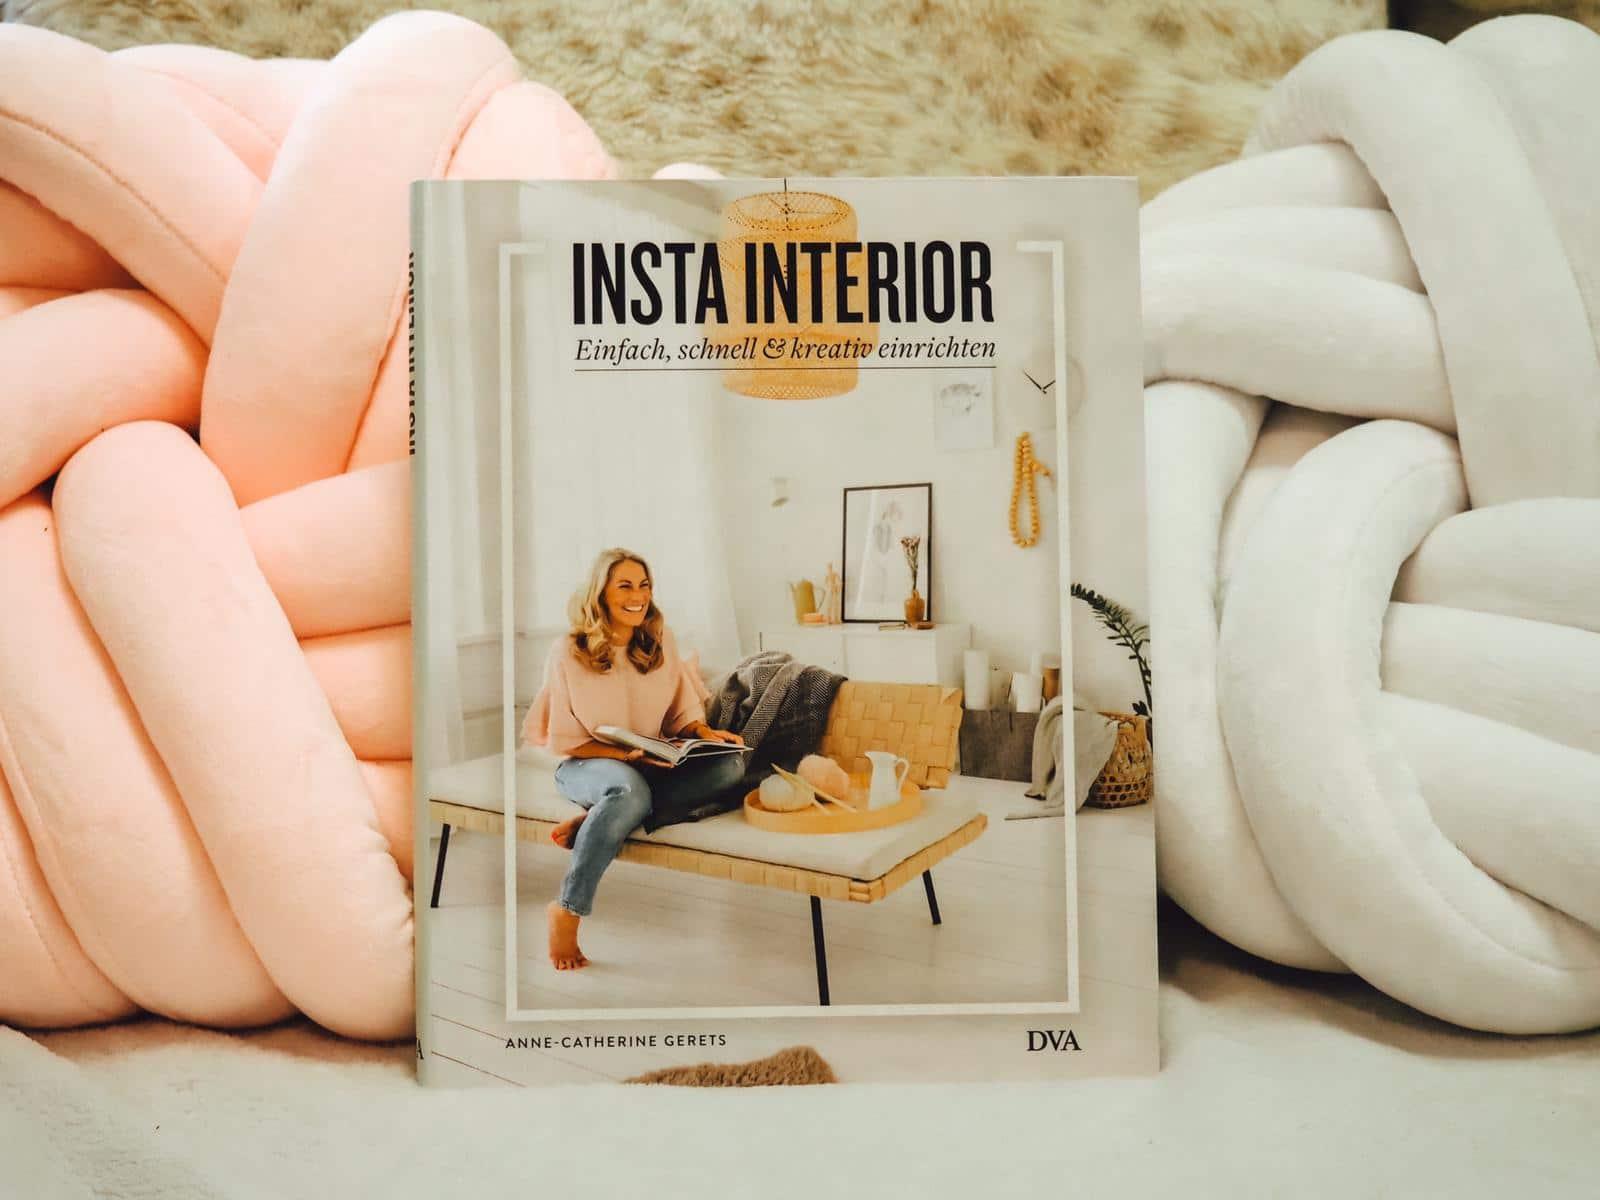 Wer so schön wohnen will wie auf Instagram sollte in Insta Interior schmökern.